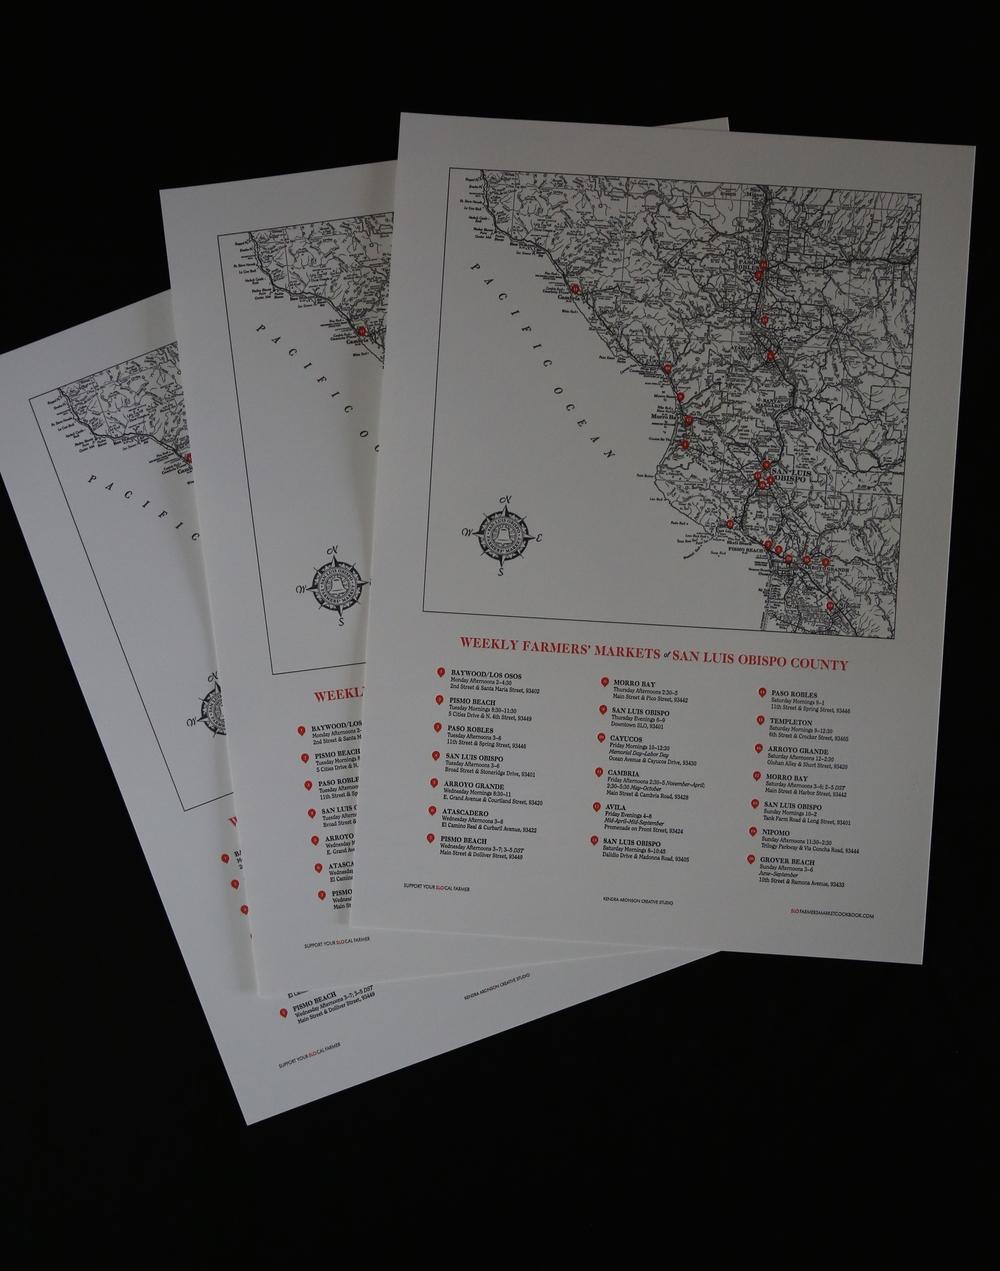 slo-farmers-market-cookbook-map-3.jpg